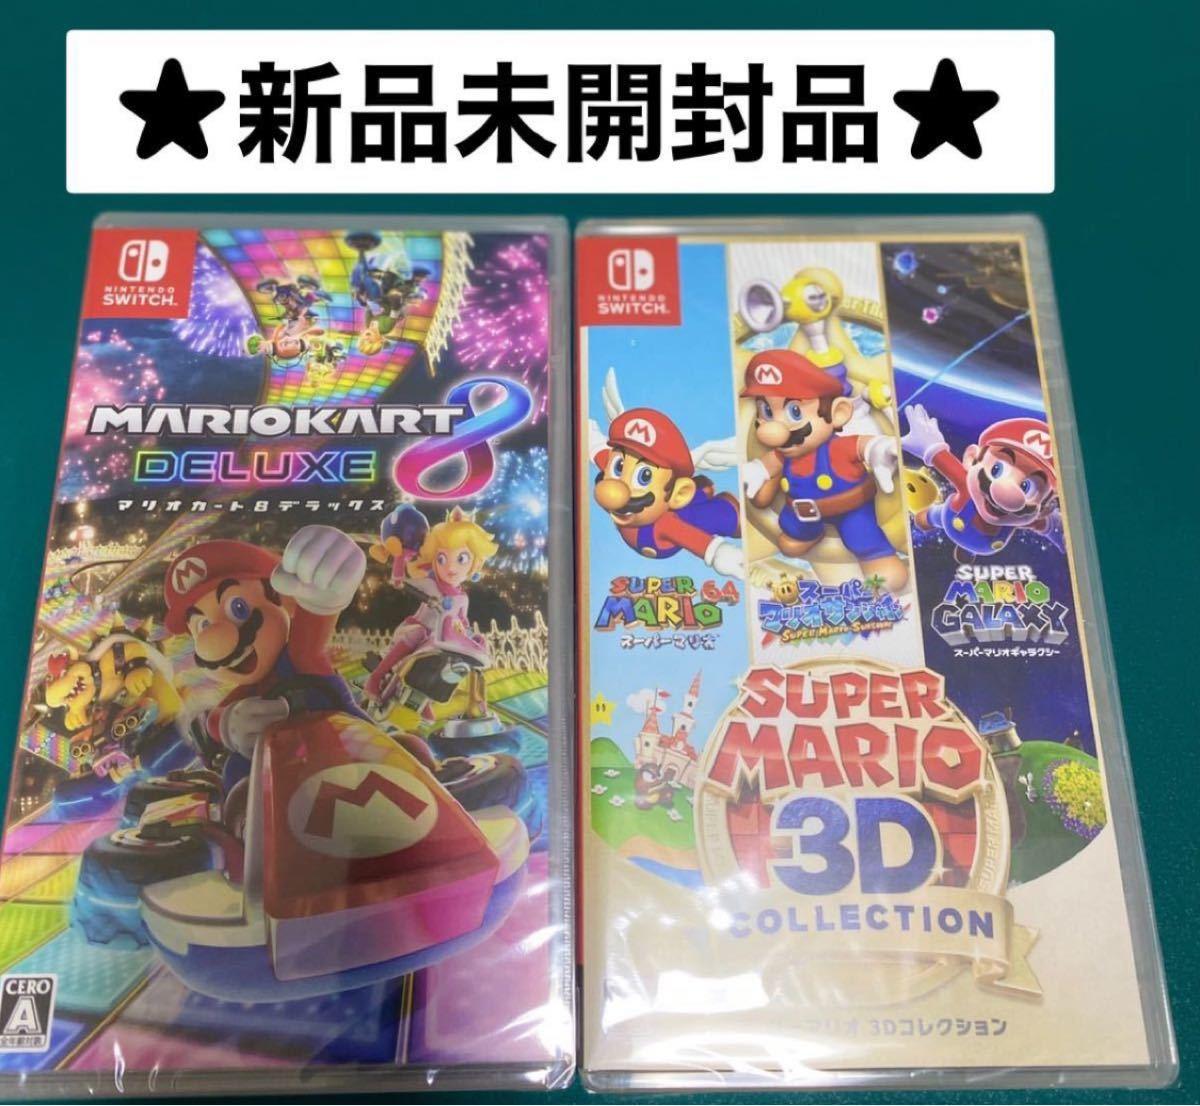 【2本セット】【Switch】マリオカート8 デラックス スーパーマリオ3Dコレクション